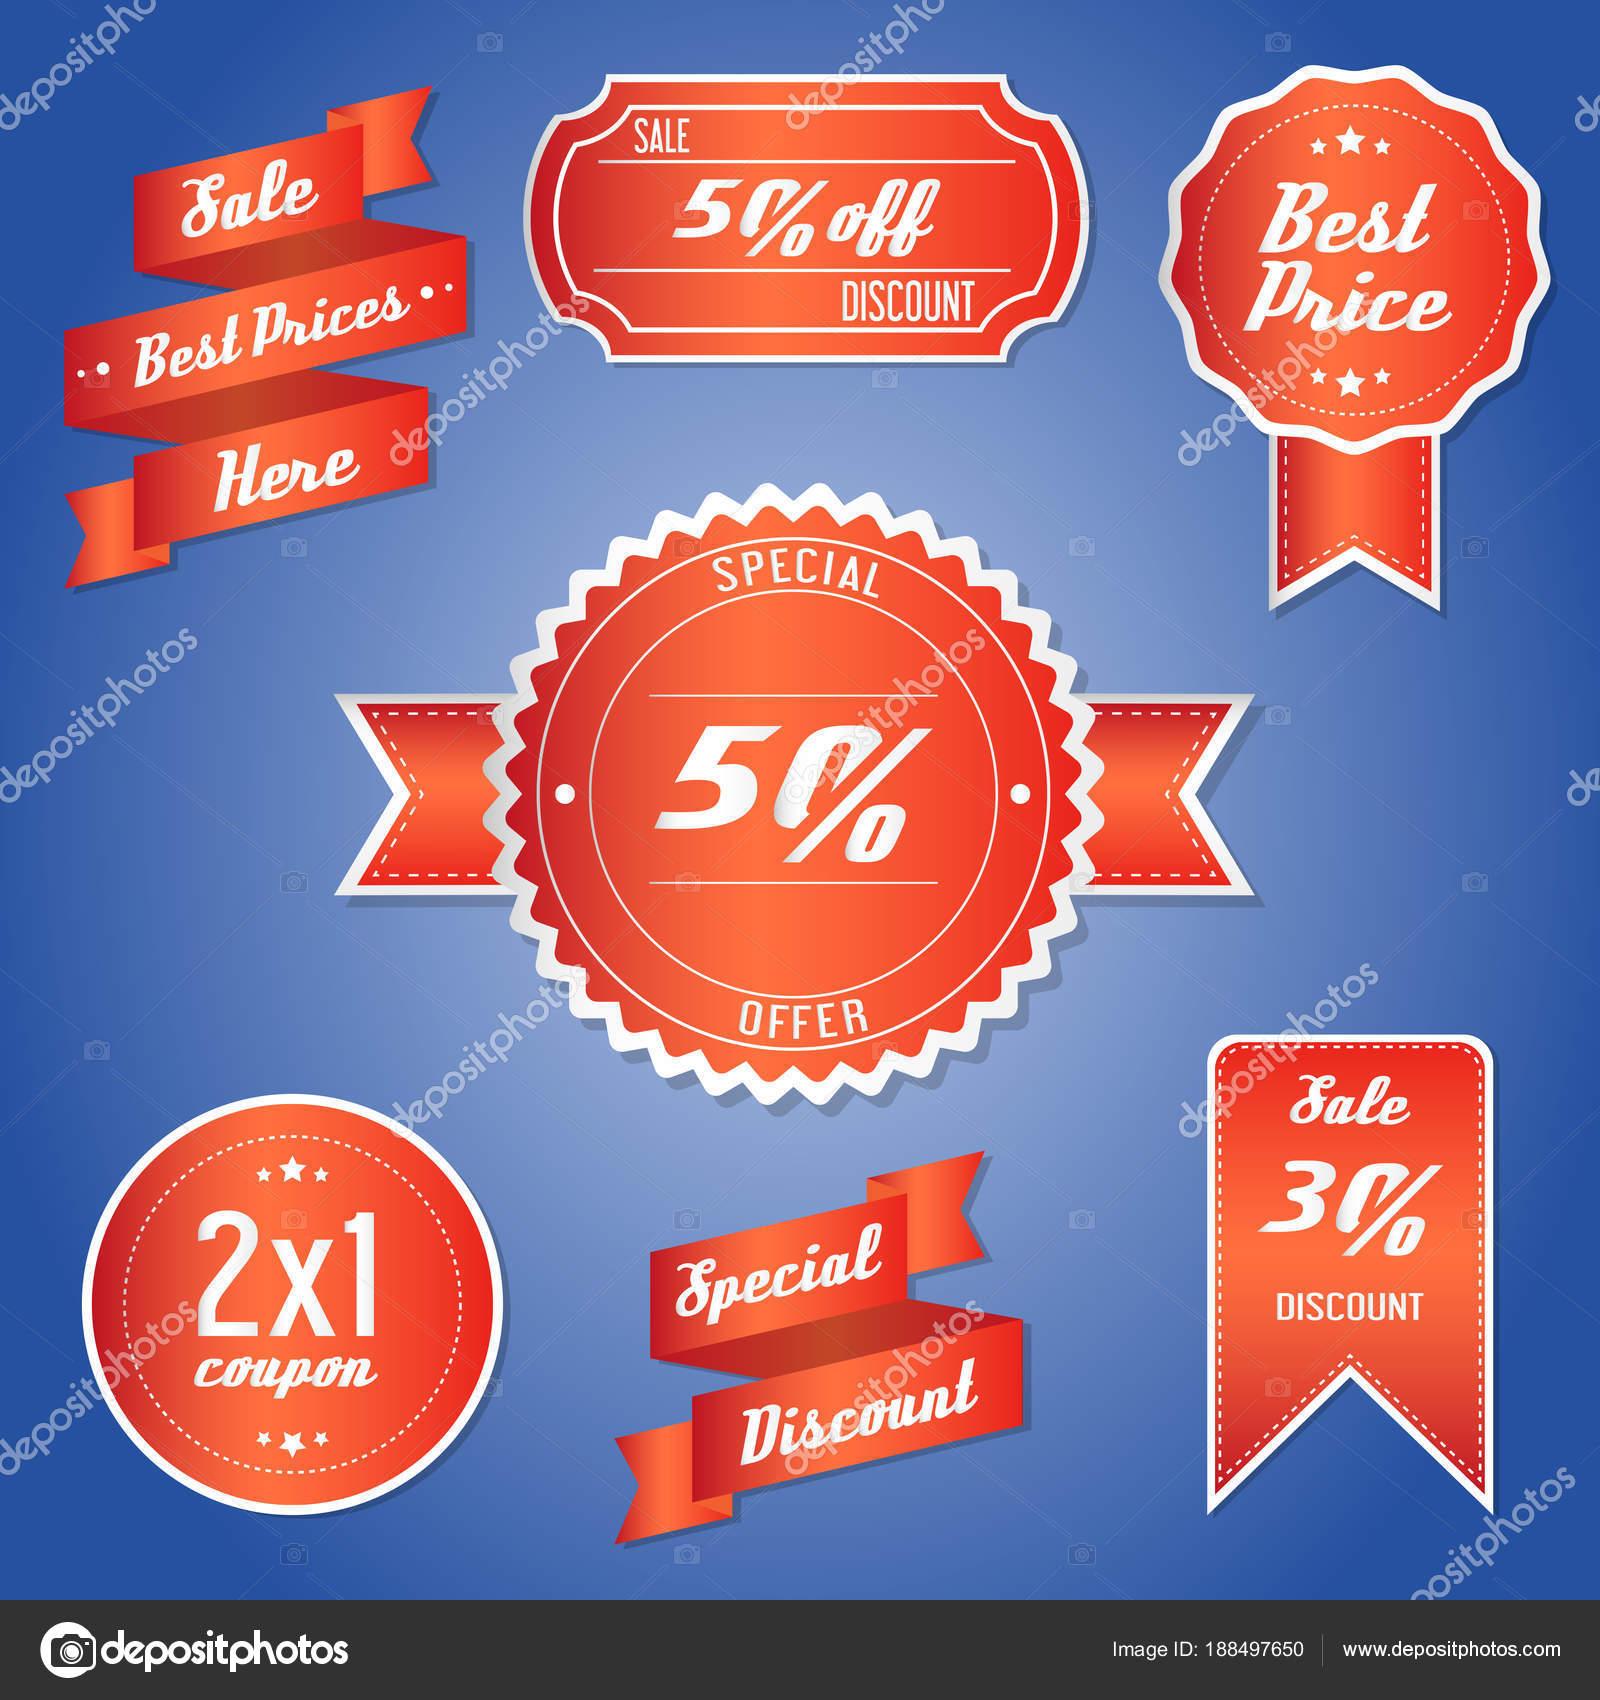 Vertrieb Tag Rabatt Verkaufen Werbung Gutschein Vorlage Preisangebot